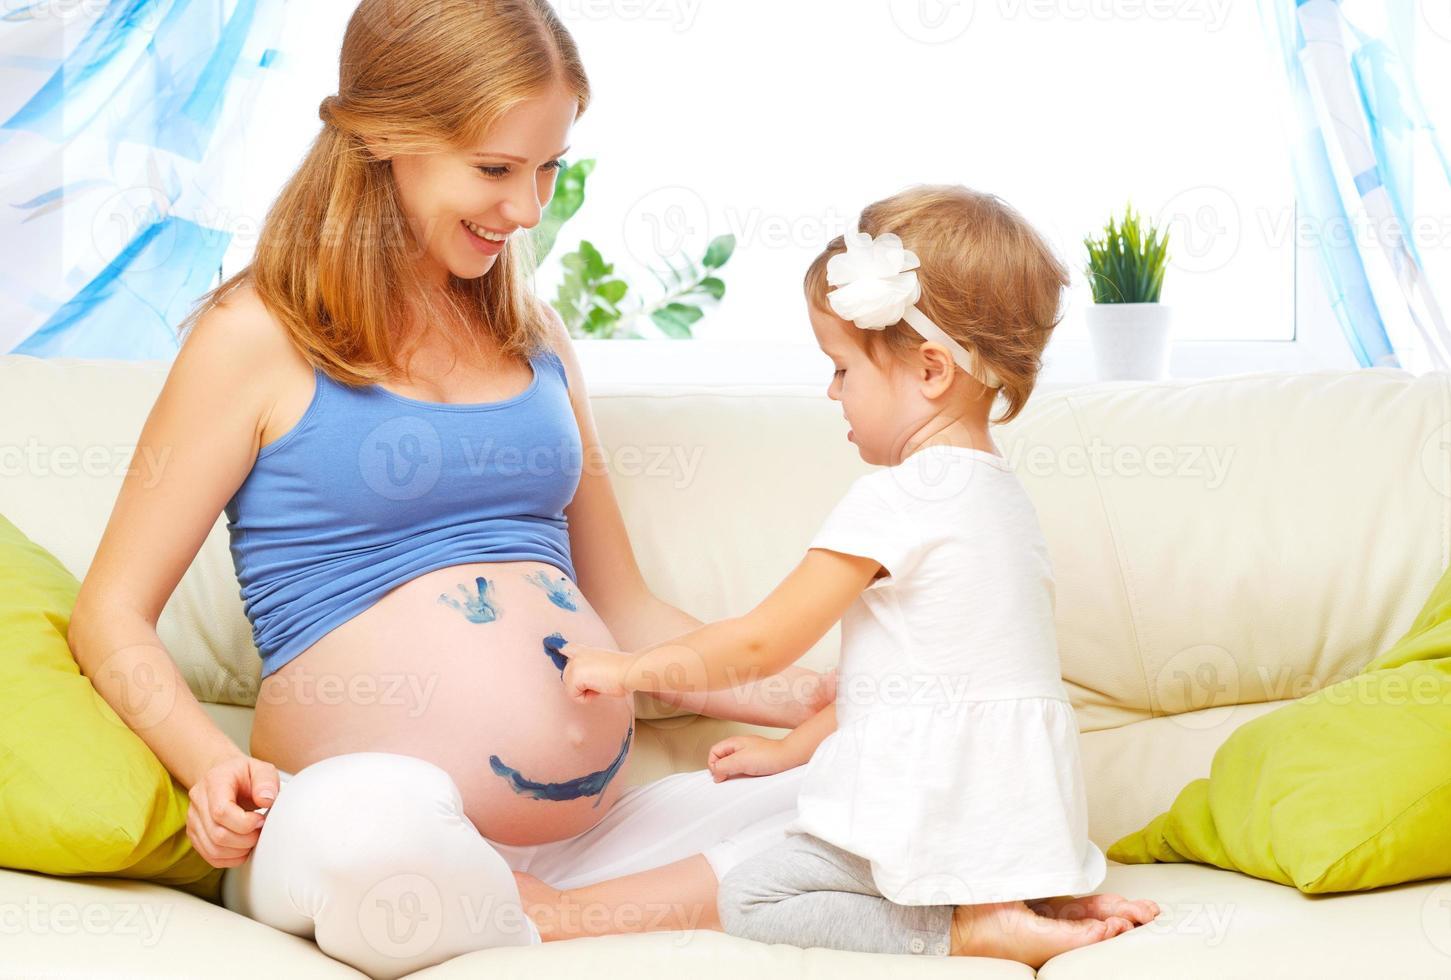 familia feliz en previsión de bebé. madre embarazada y niño foto